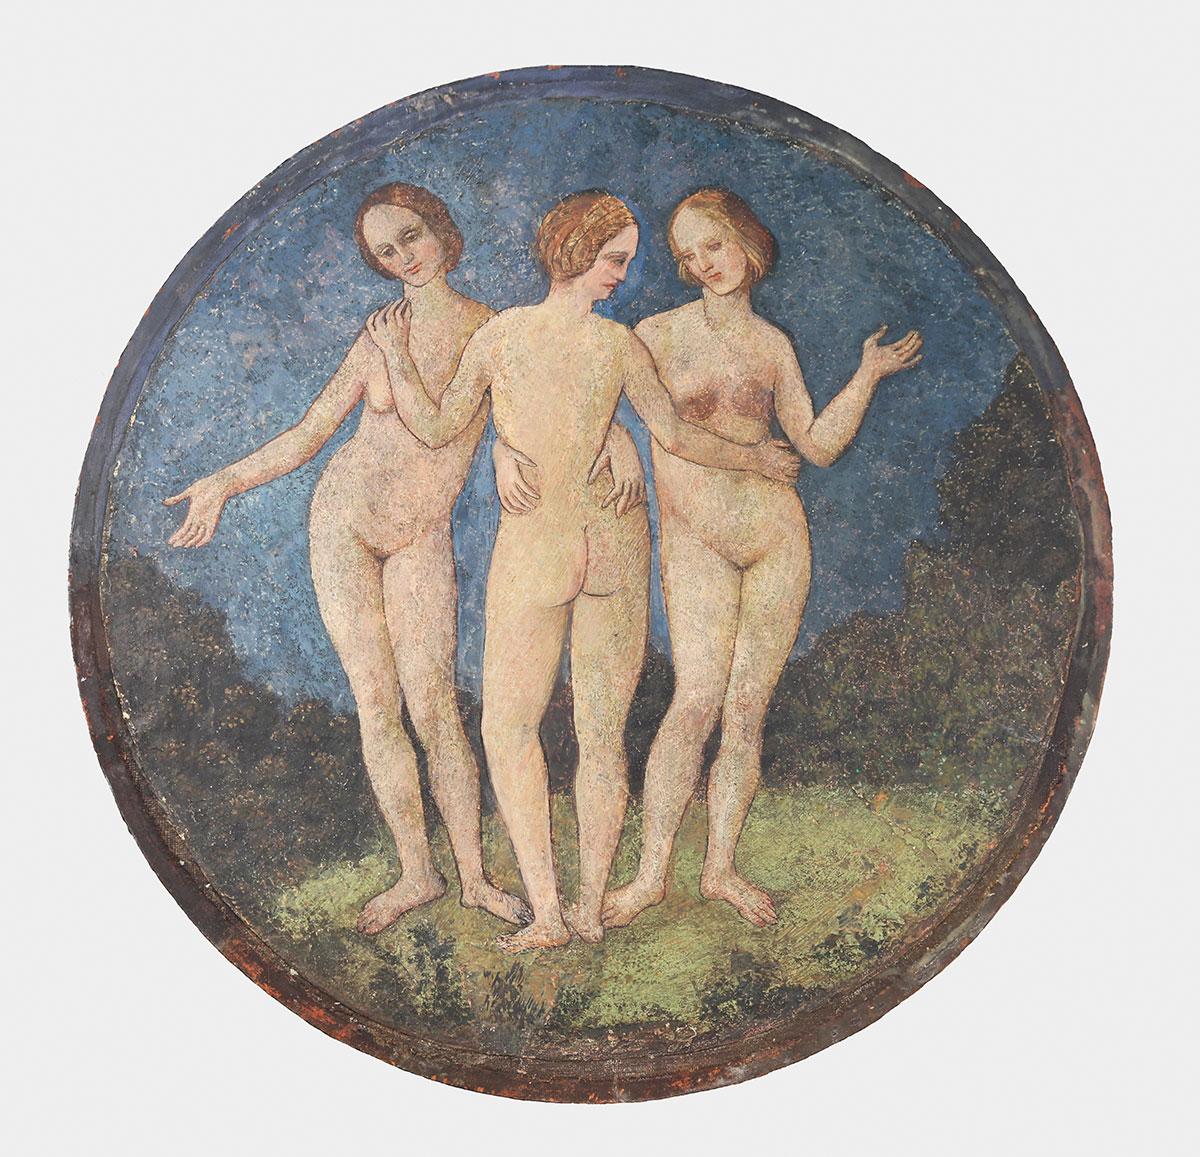 The Three Graces - di Betto Betti